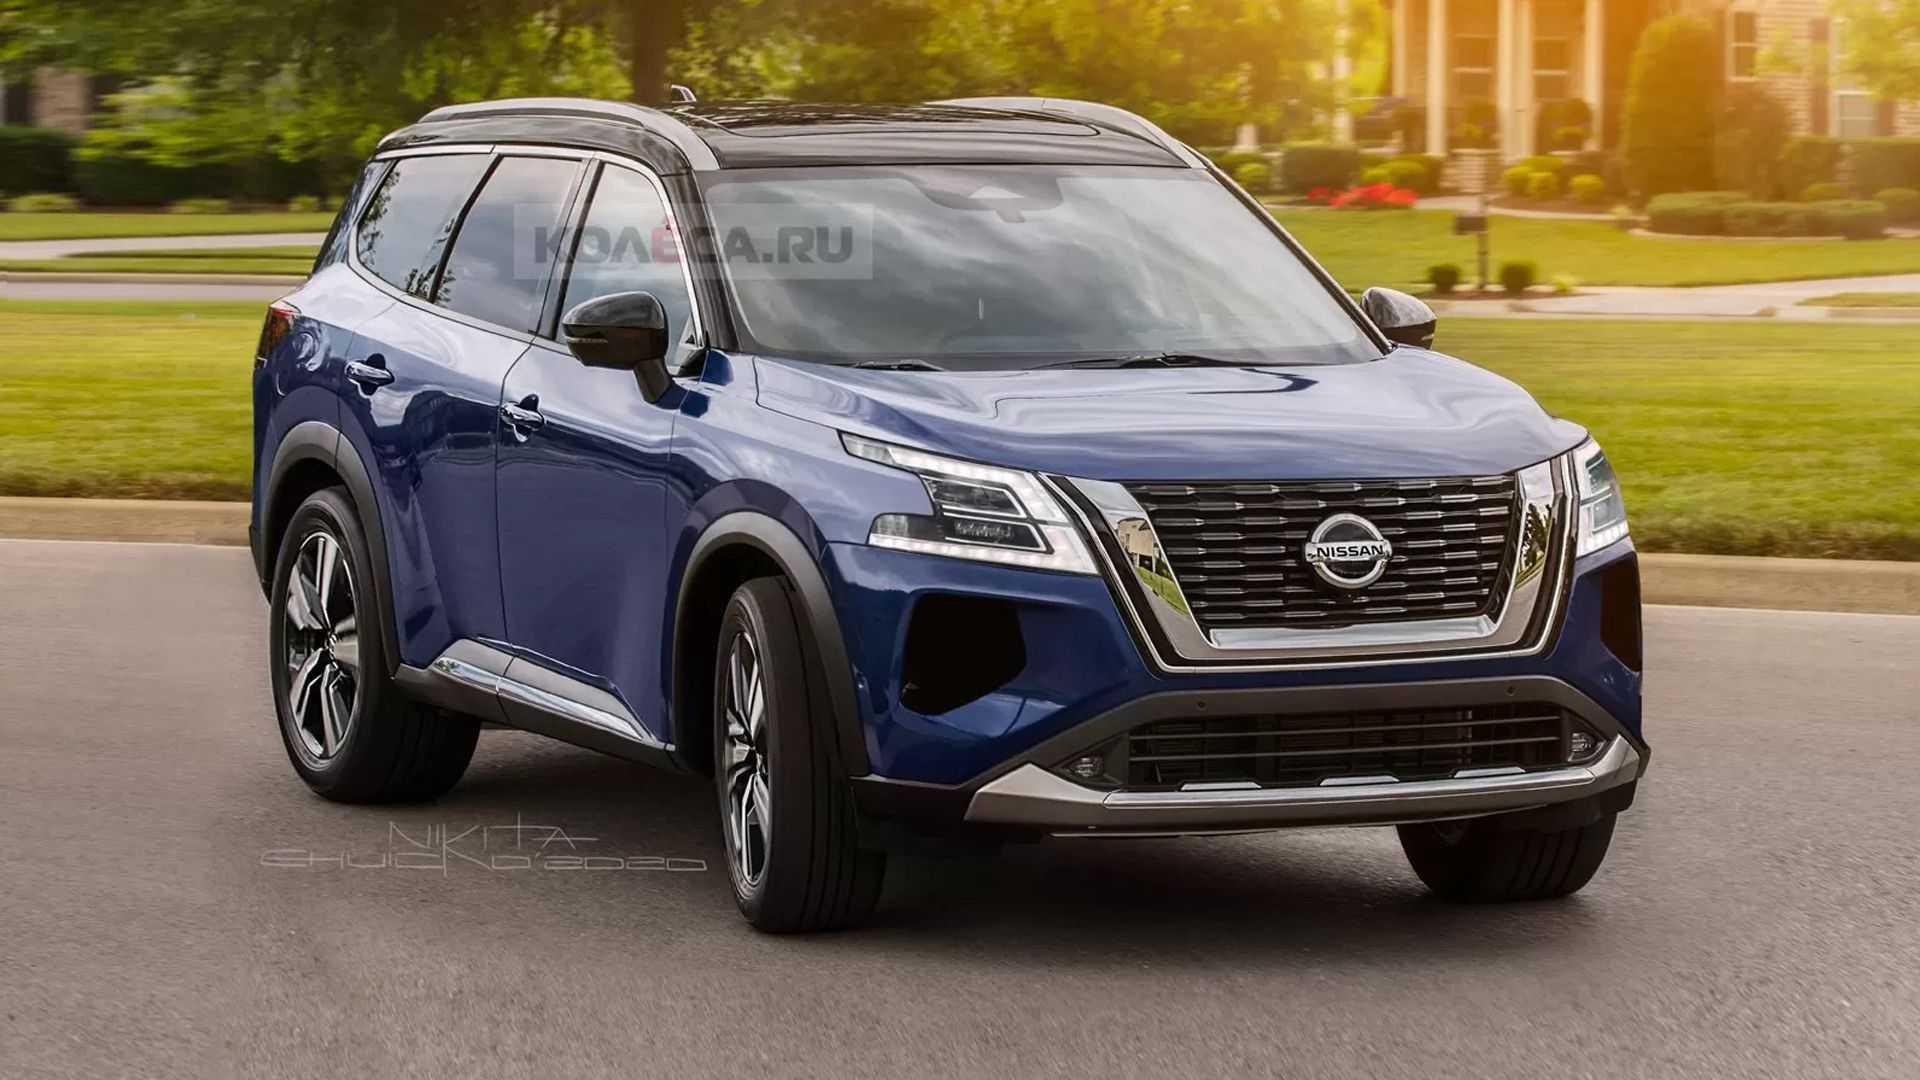 2021 Nissan Pathfinder böyle görünebilir!